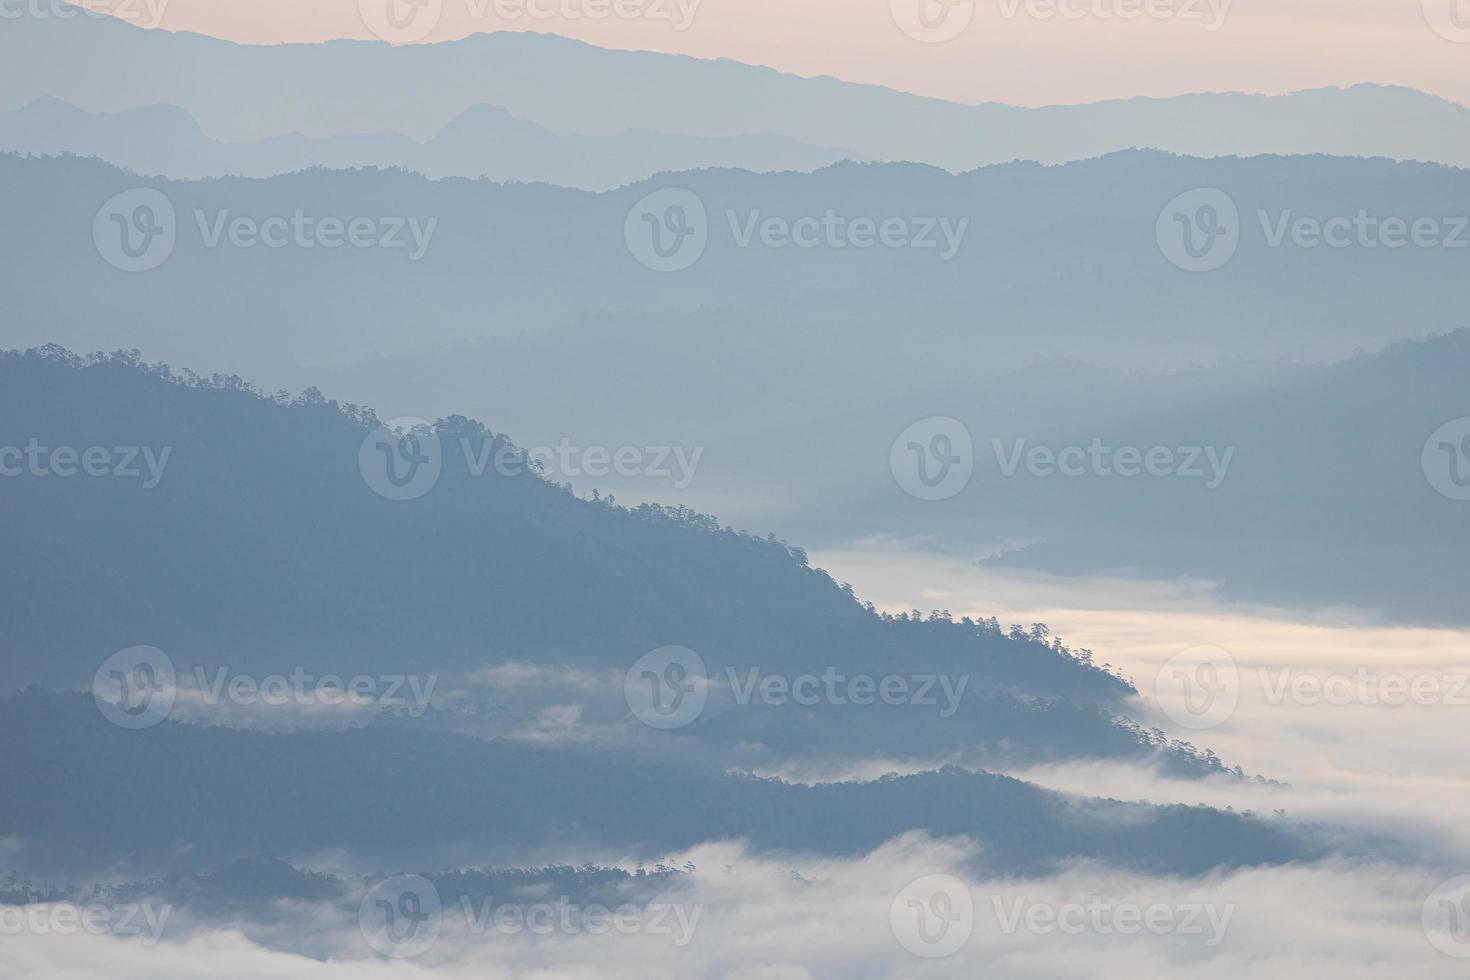 vista aérea sobre la cordillera cubierta por nubes. foto